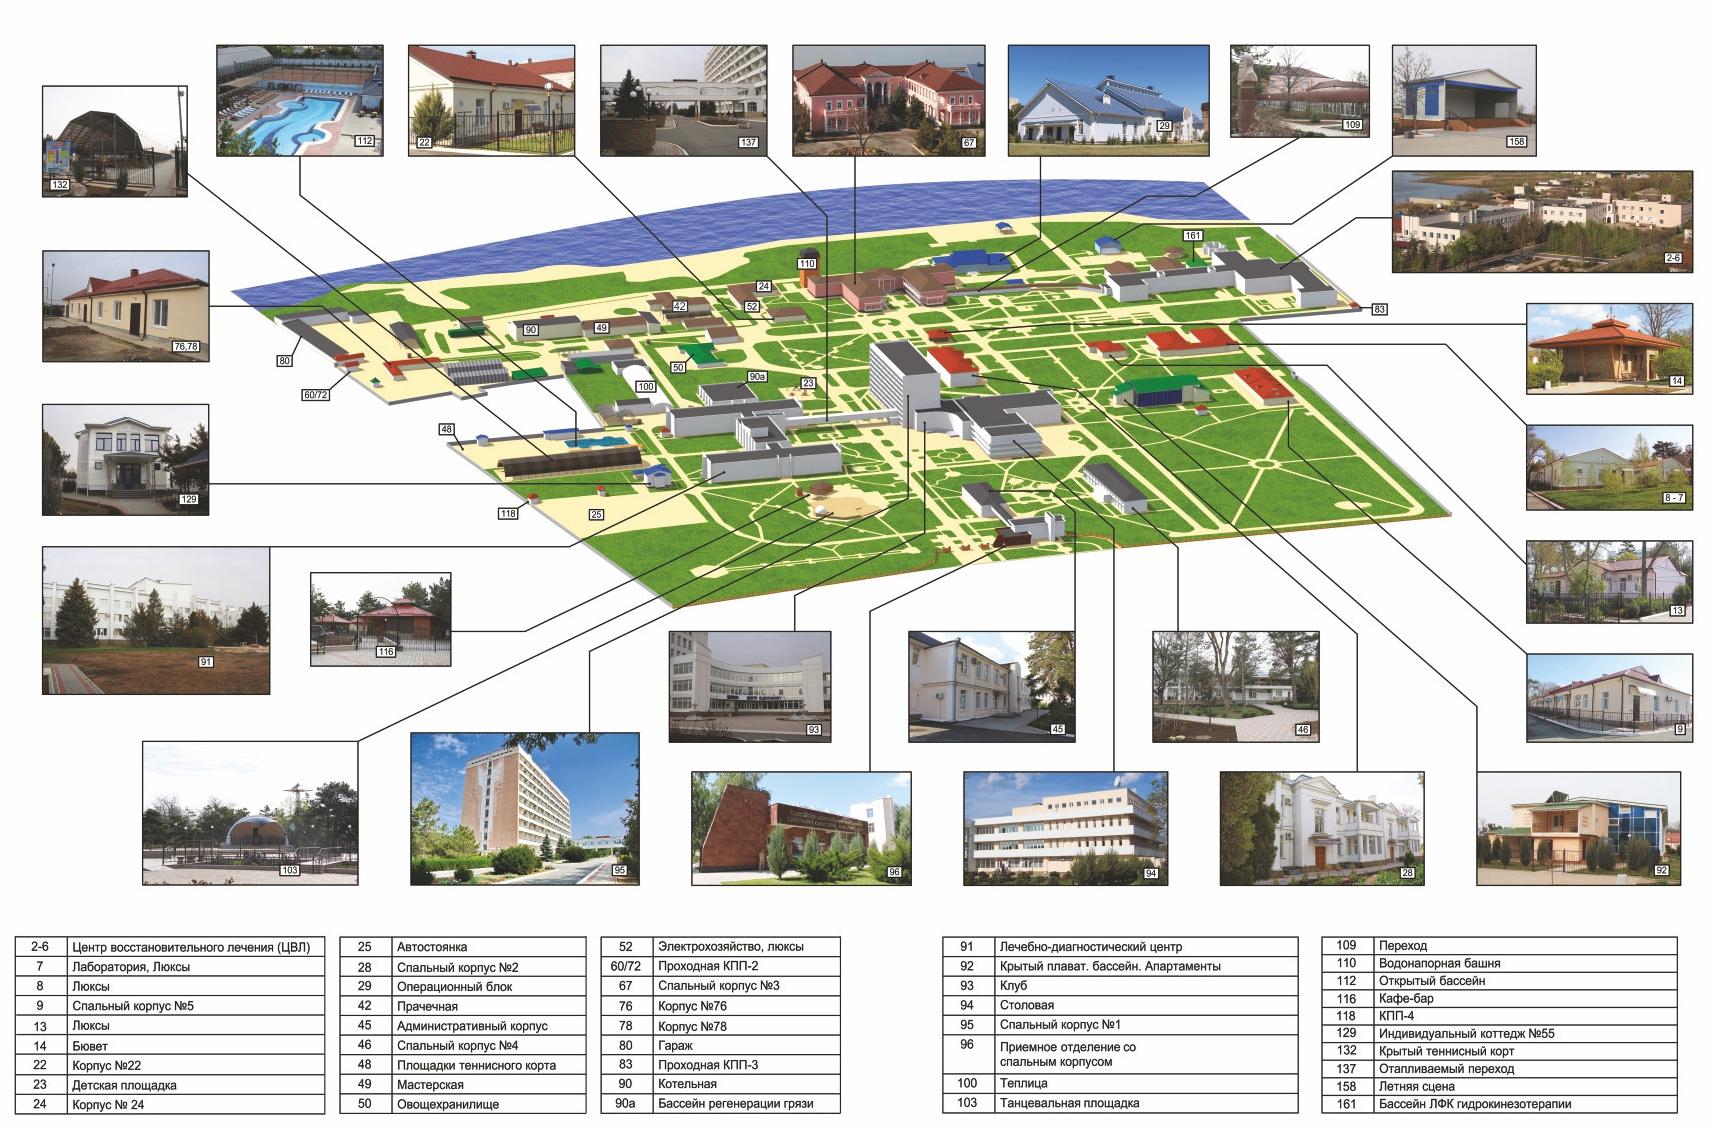 Карта санатория им. Н.И. Пирогова, Саки